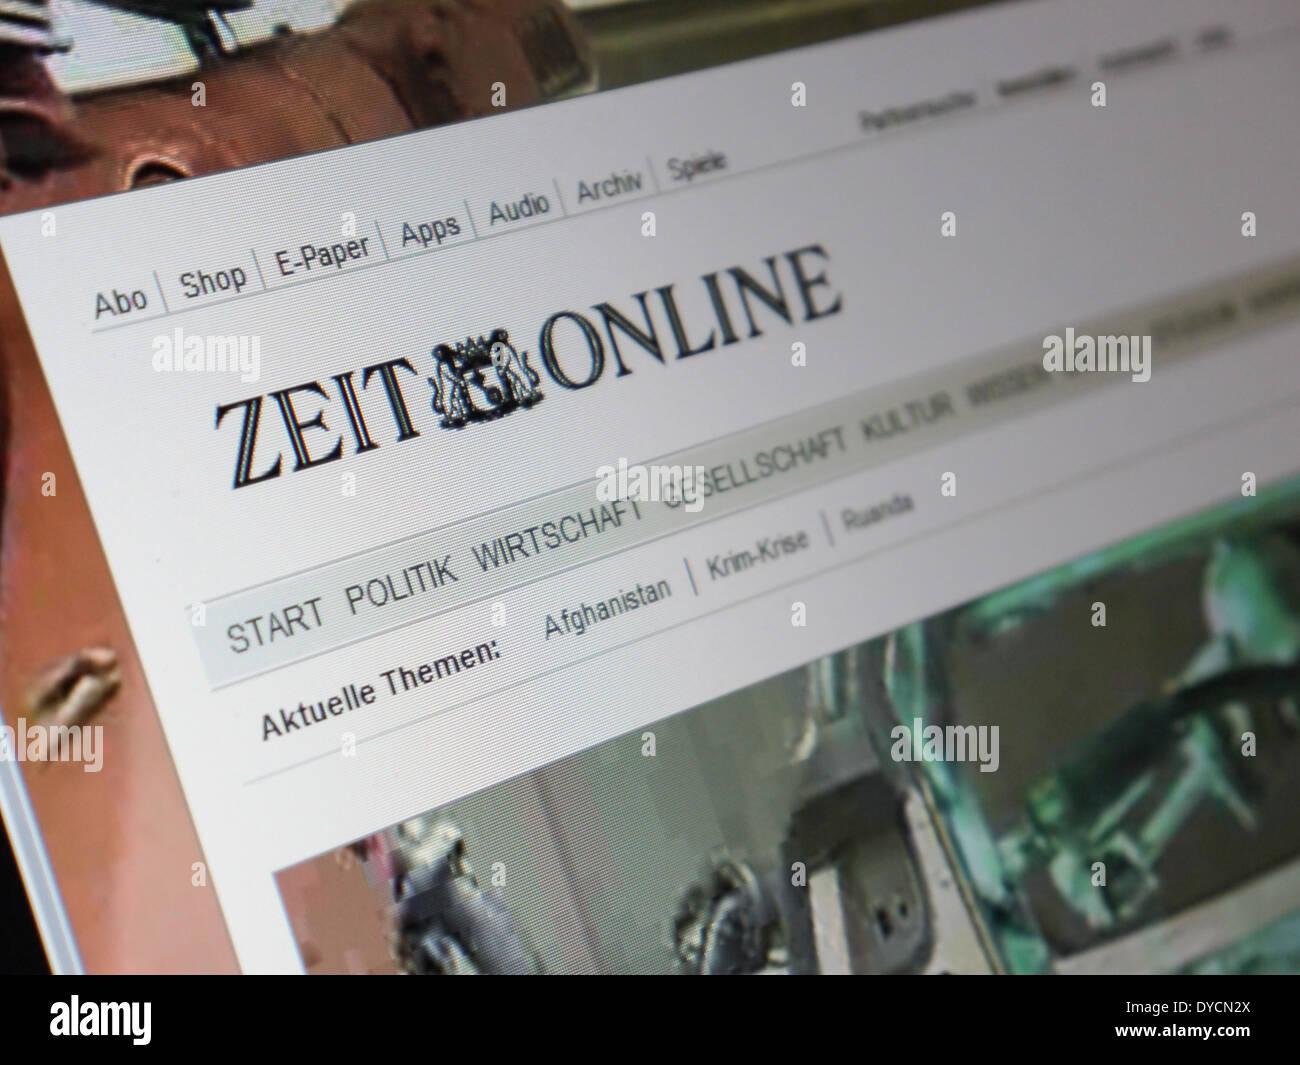 Zeit online website Imagen De Stock